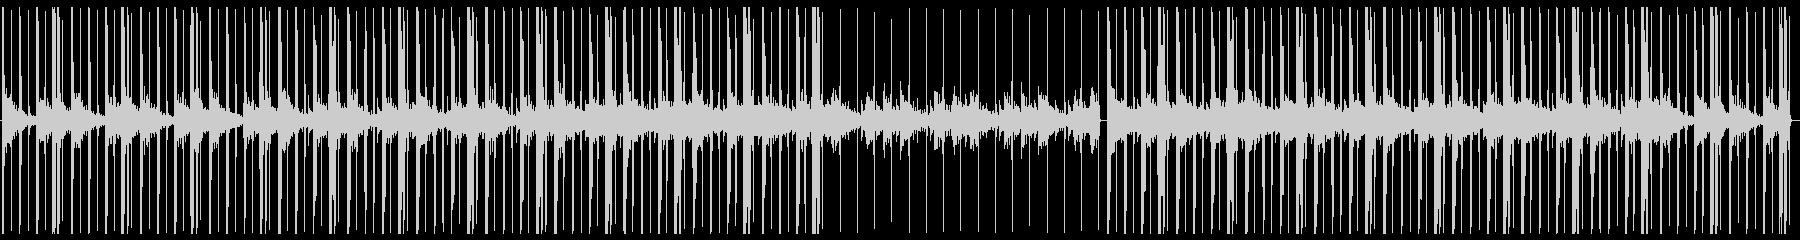 チルアウト・ローファイヒップホップ・Fの未再生の波形